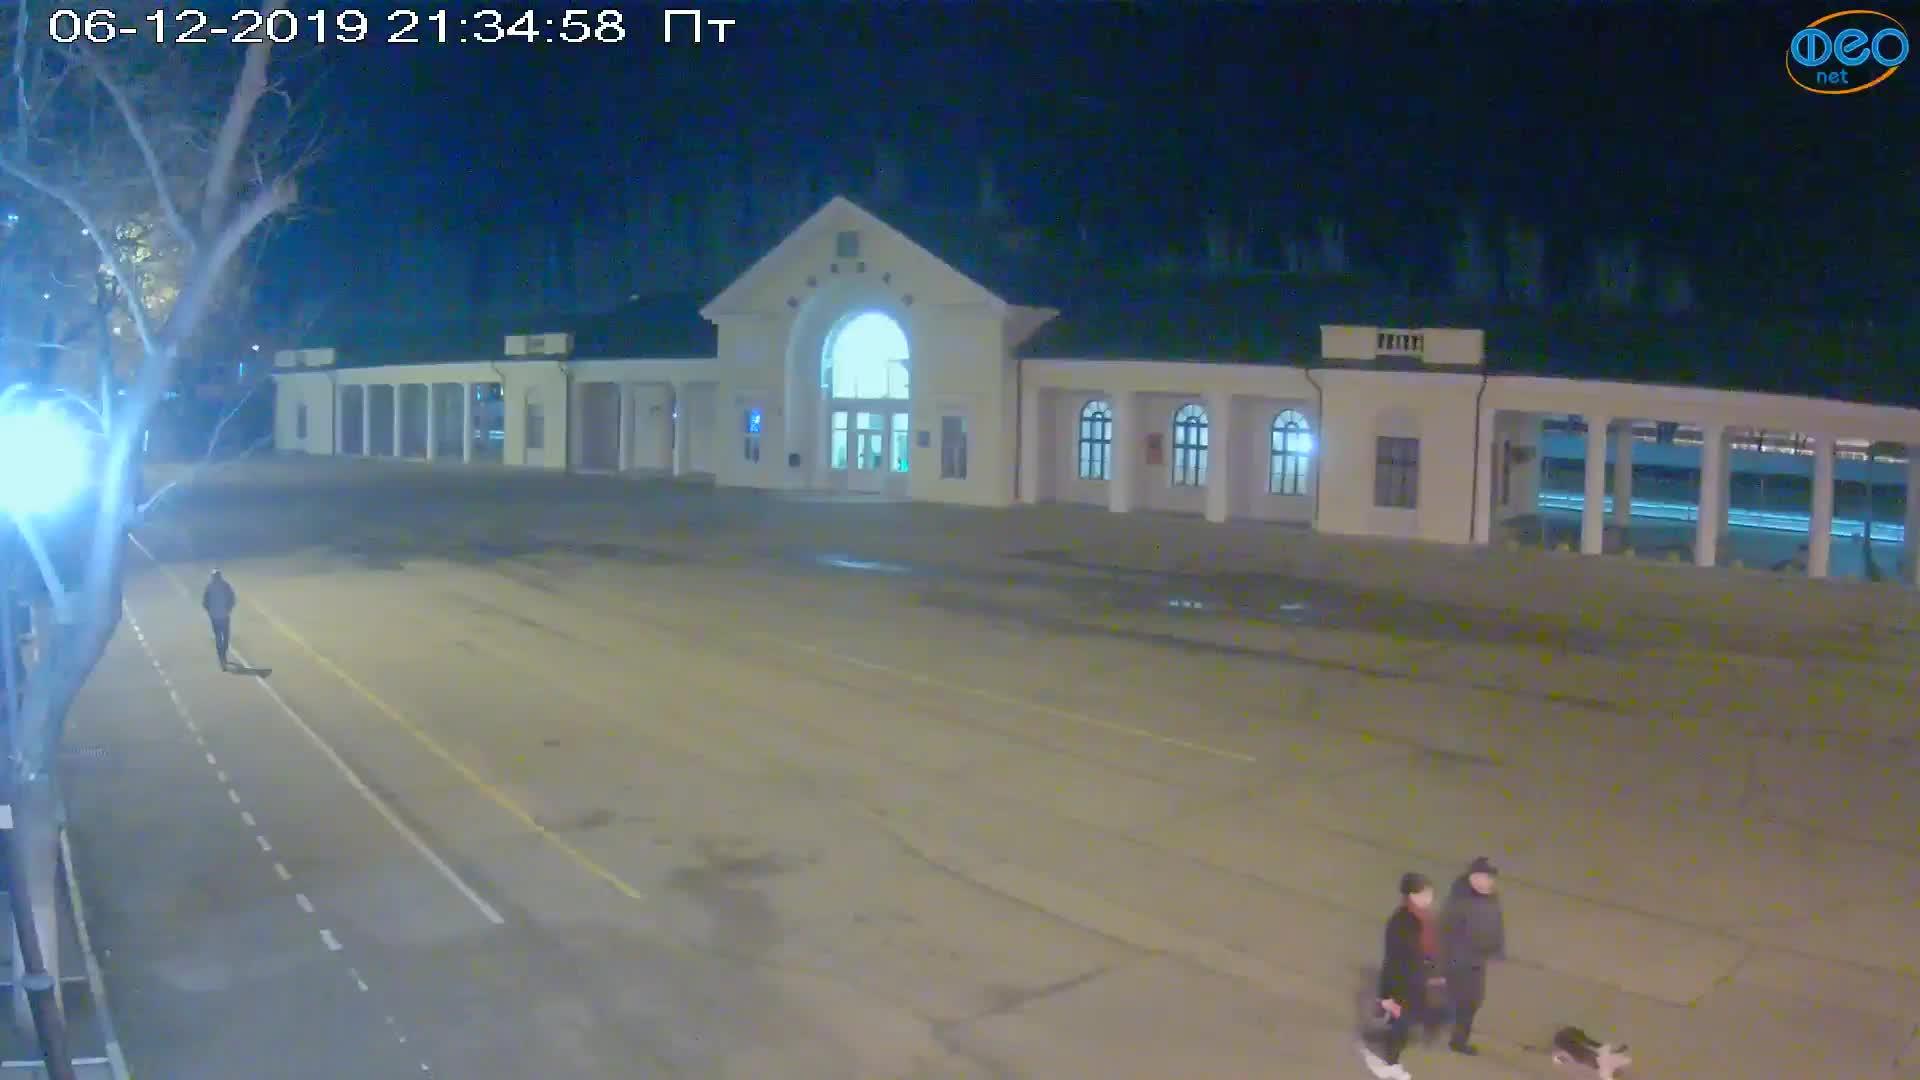 Веб-камеры Феодосии, Привокзальная площадь, 2019-12-06 21:35:17